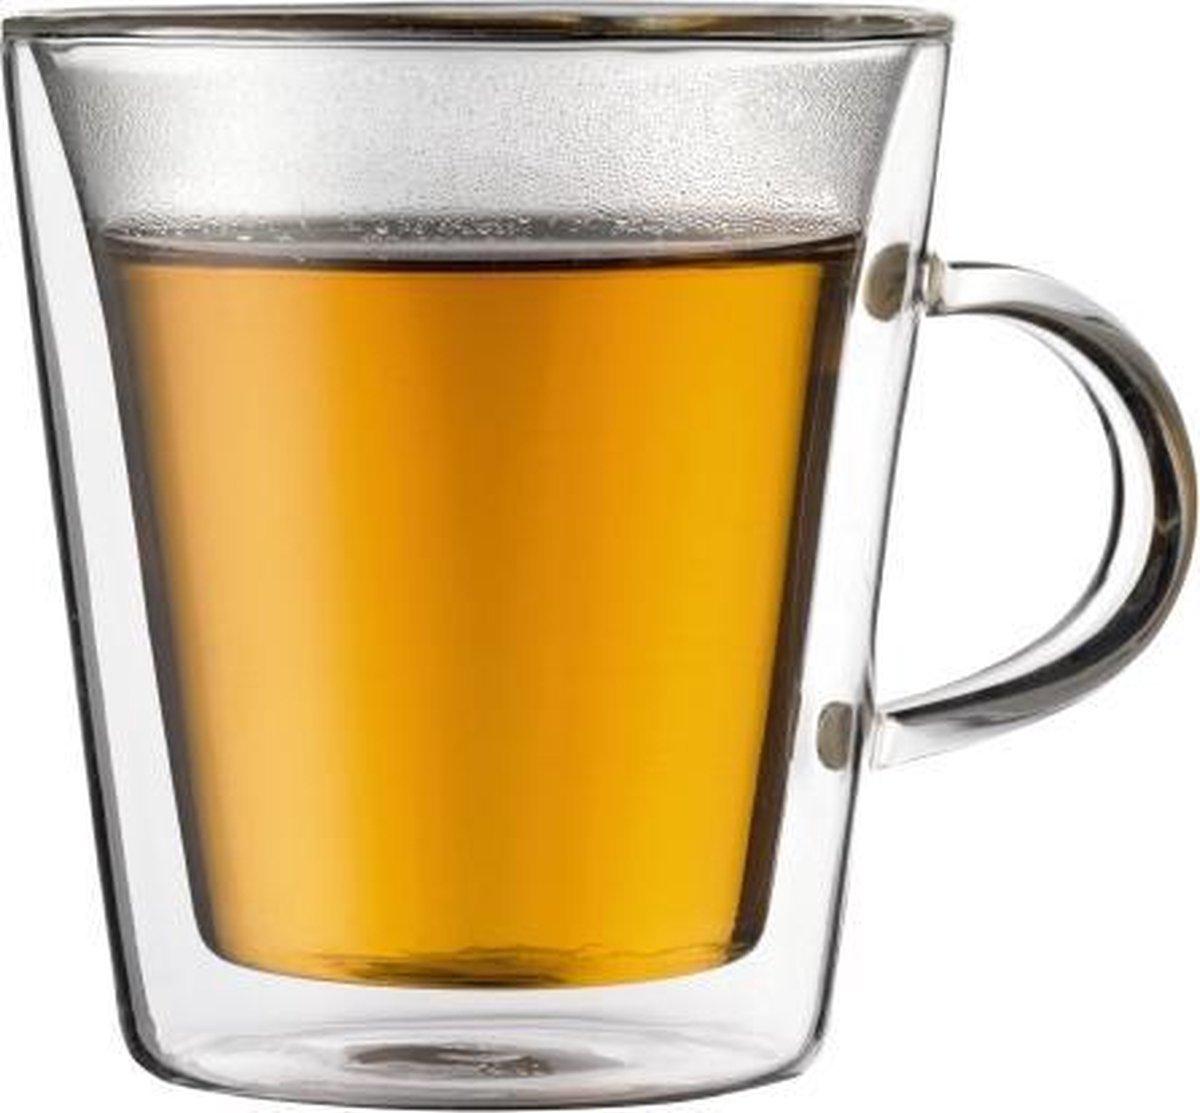 Bodum Canteen Dubbelwandig Glas - Met oor - 0,2 l - 2 stuks - Bodum